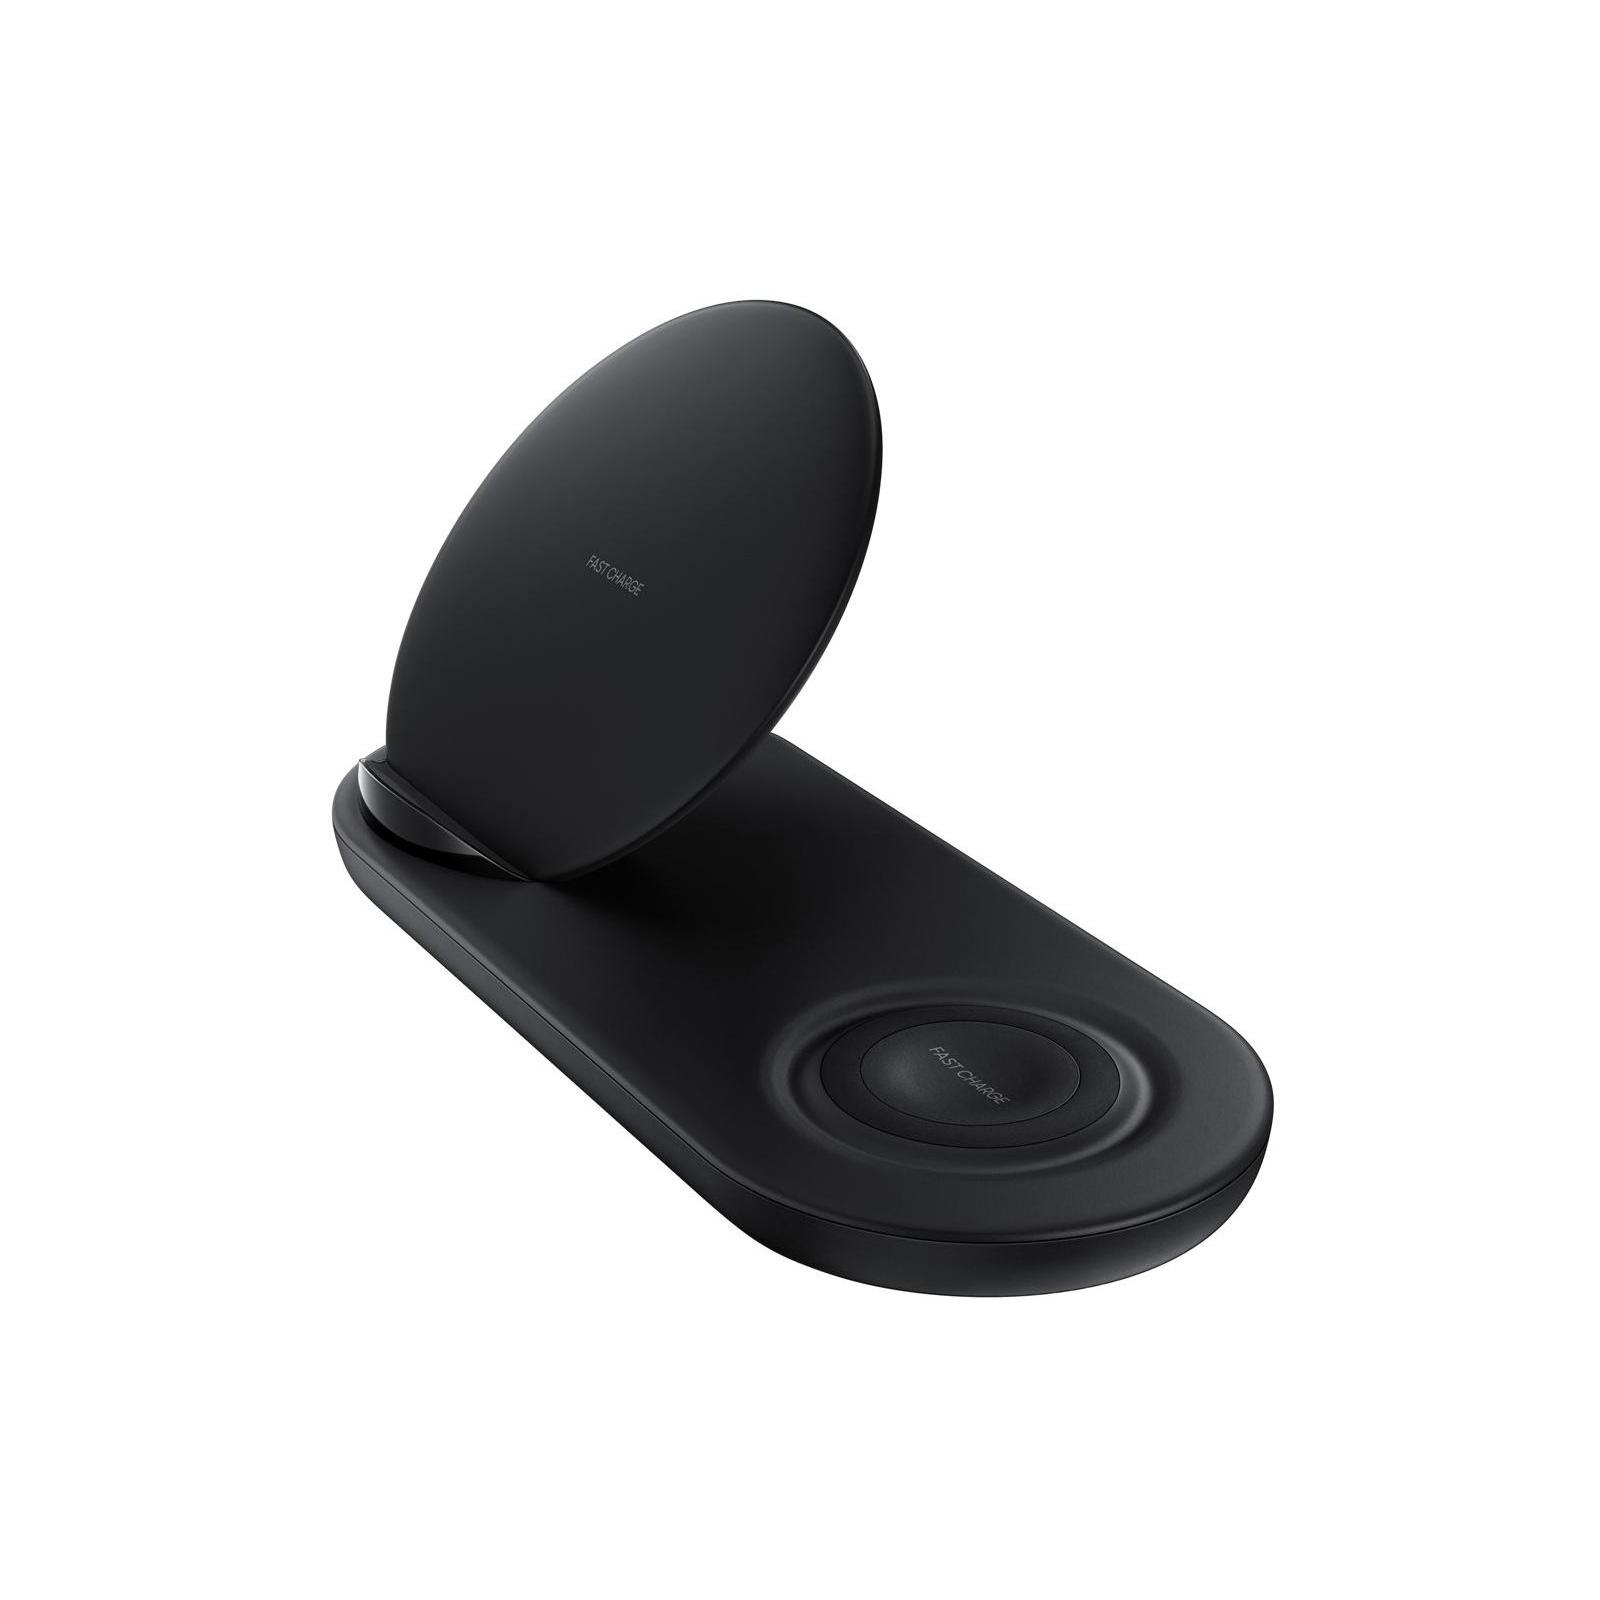 Зарядное устройство Samsung беспроводное Duo Wireless Charger Multi Black (EP-N6100TBRGRU) изображение 7